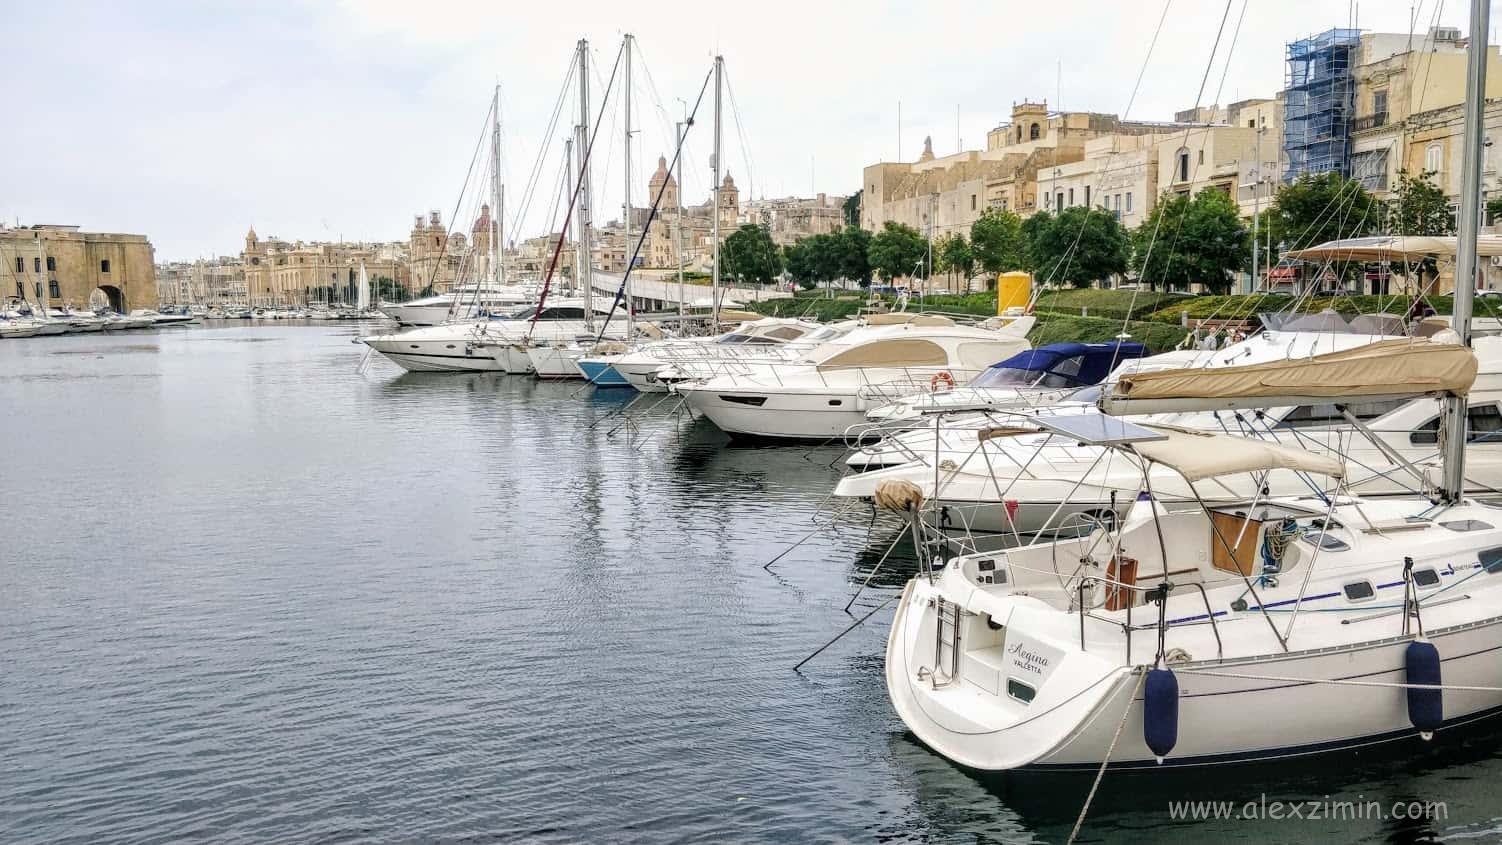 Одна из достопримечательностей Мальты - набережная Vittoriosa Waterfront